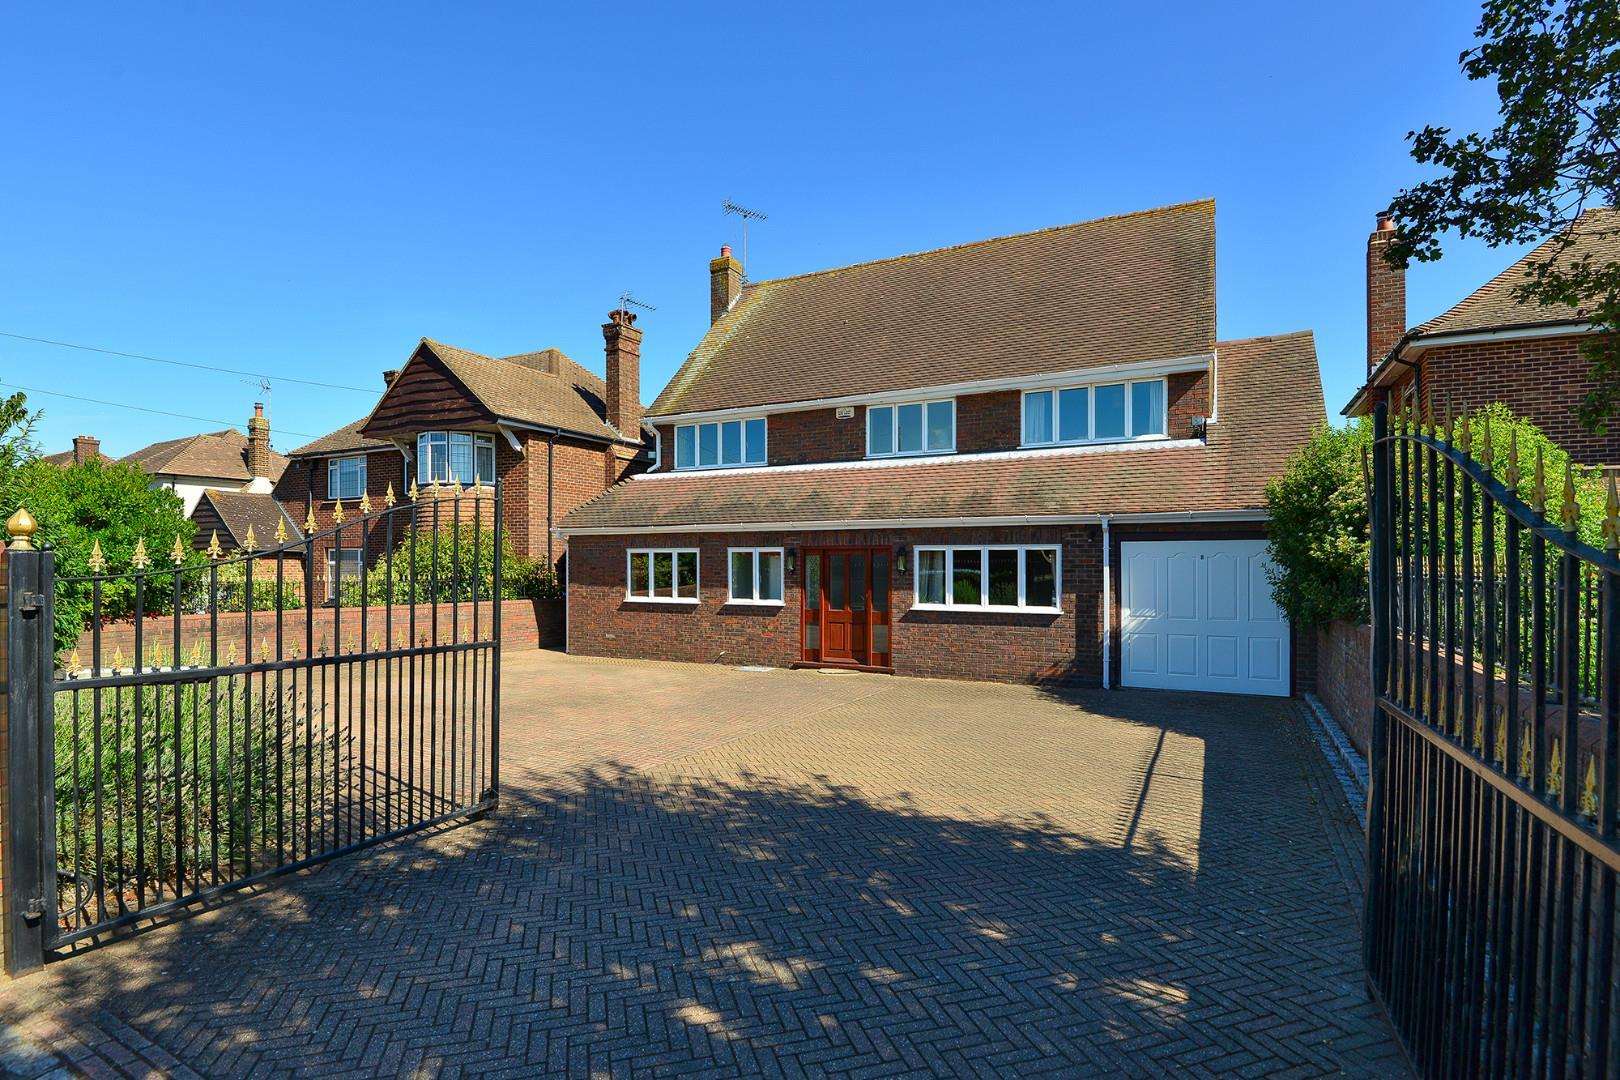 6 bedroom house for sale Ashford Road Faversham ME ME13